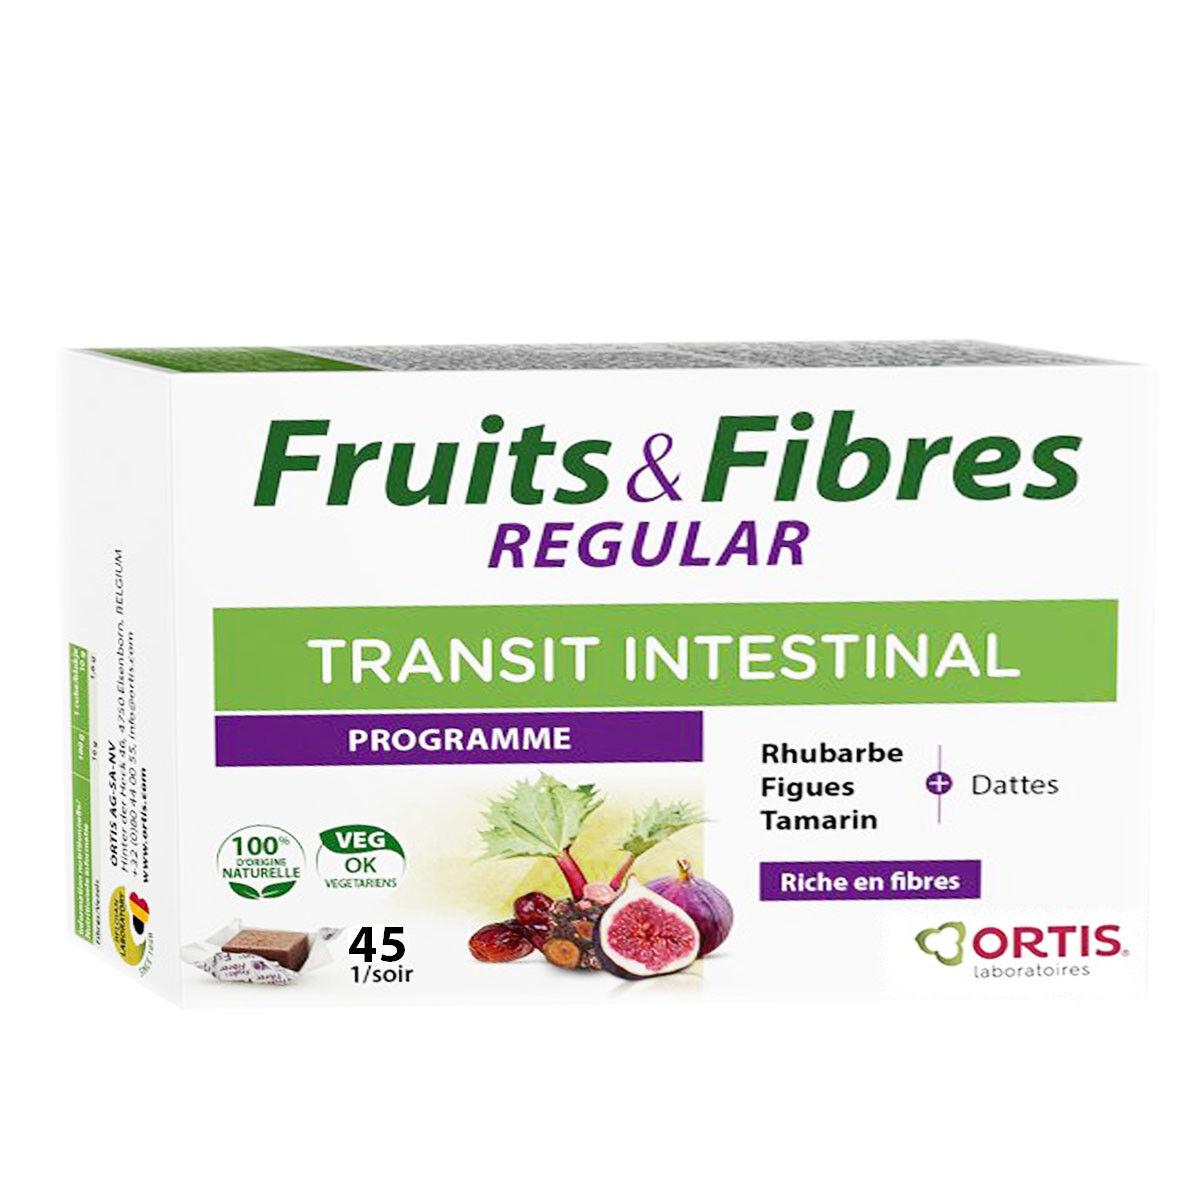 Ortis fruits & fibres regular transit intestinal 45 cubes